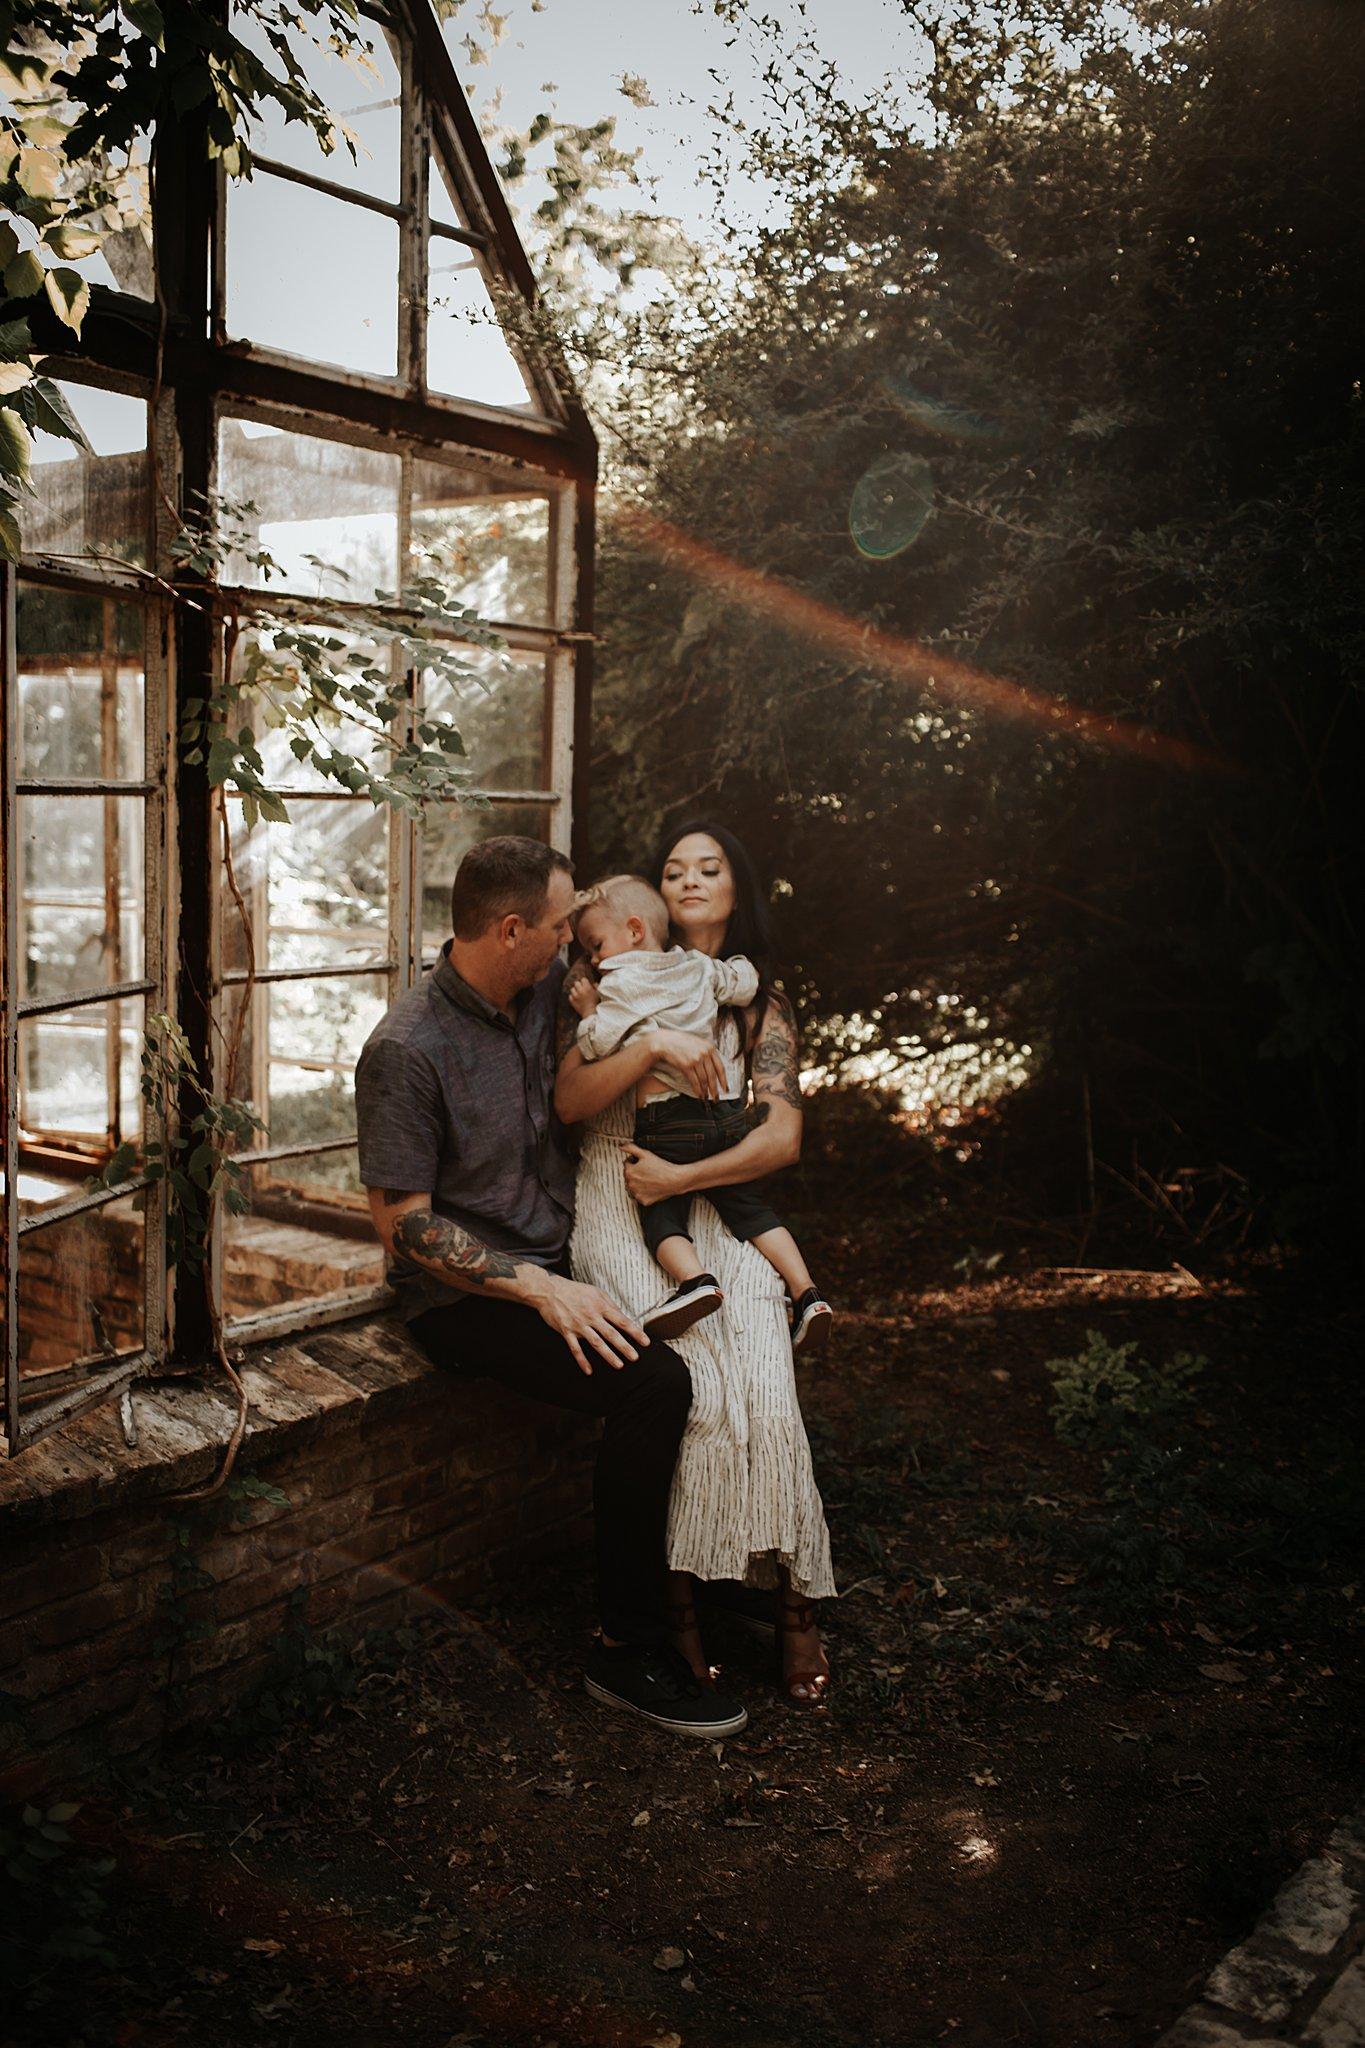 Ohara-San-Antonio-Family-Photographer-137_WEB.jpg